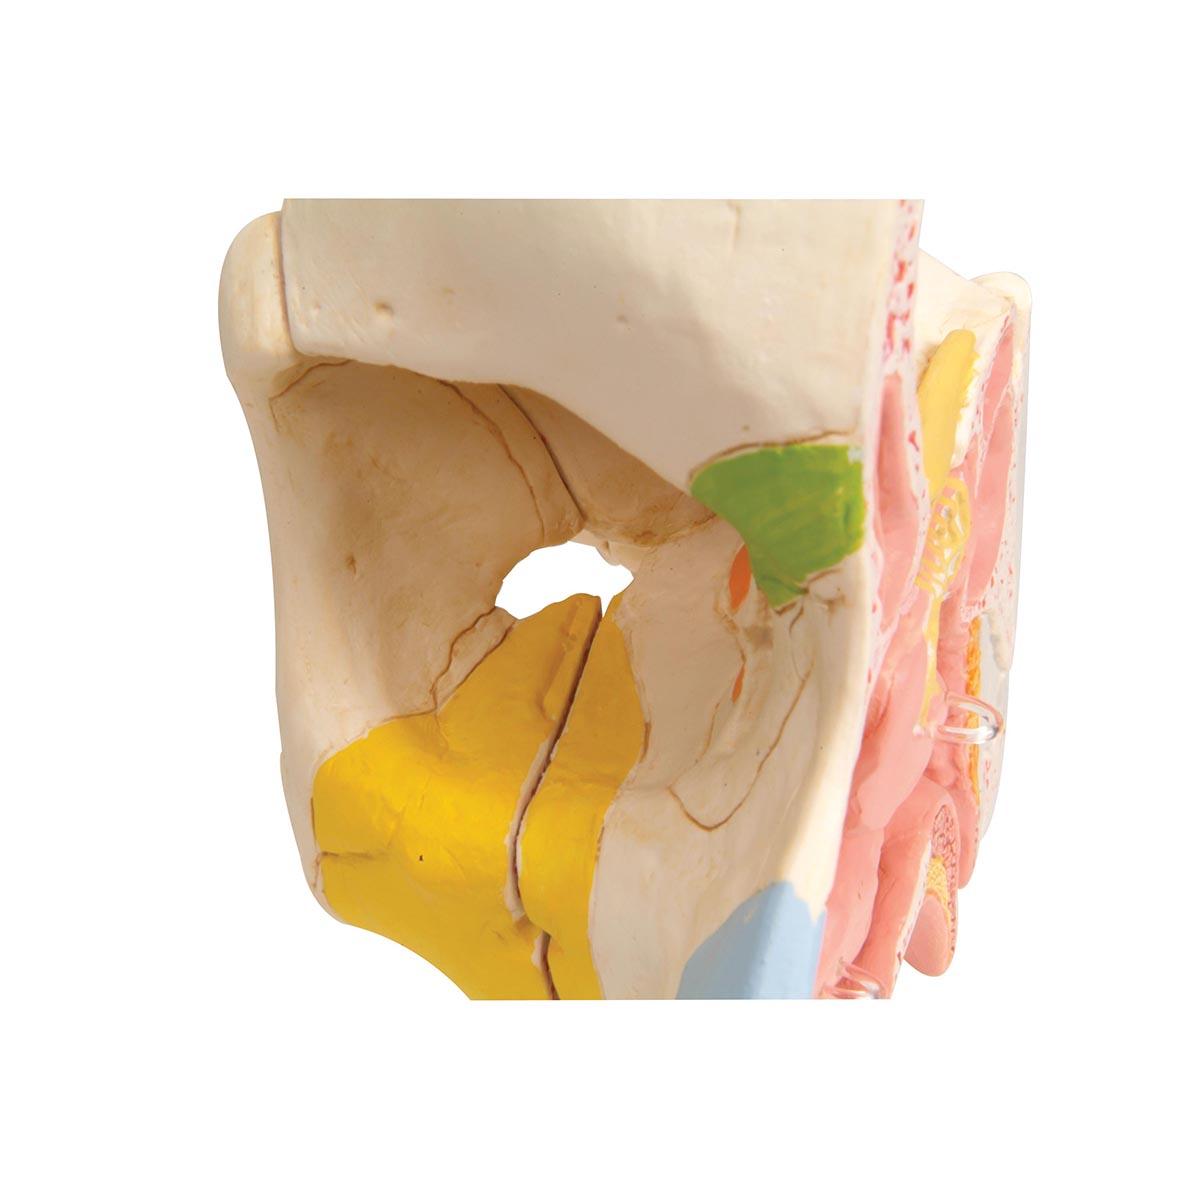 Nase mit Nasennebenhöhlen, 5-teilig - 1000254 - E20 - Hals, Nase und ...